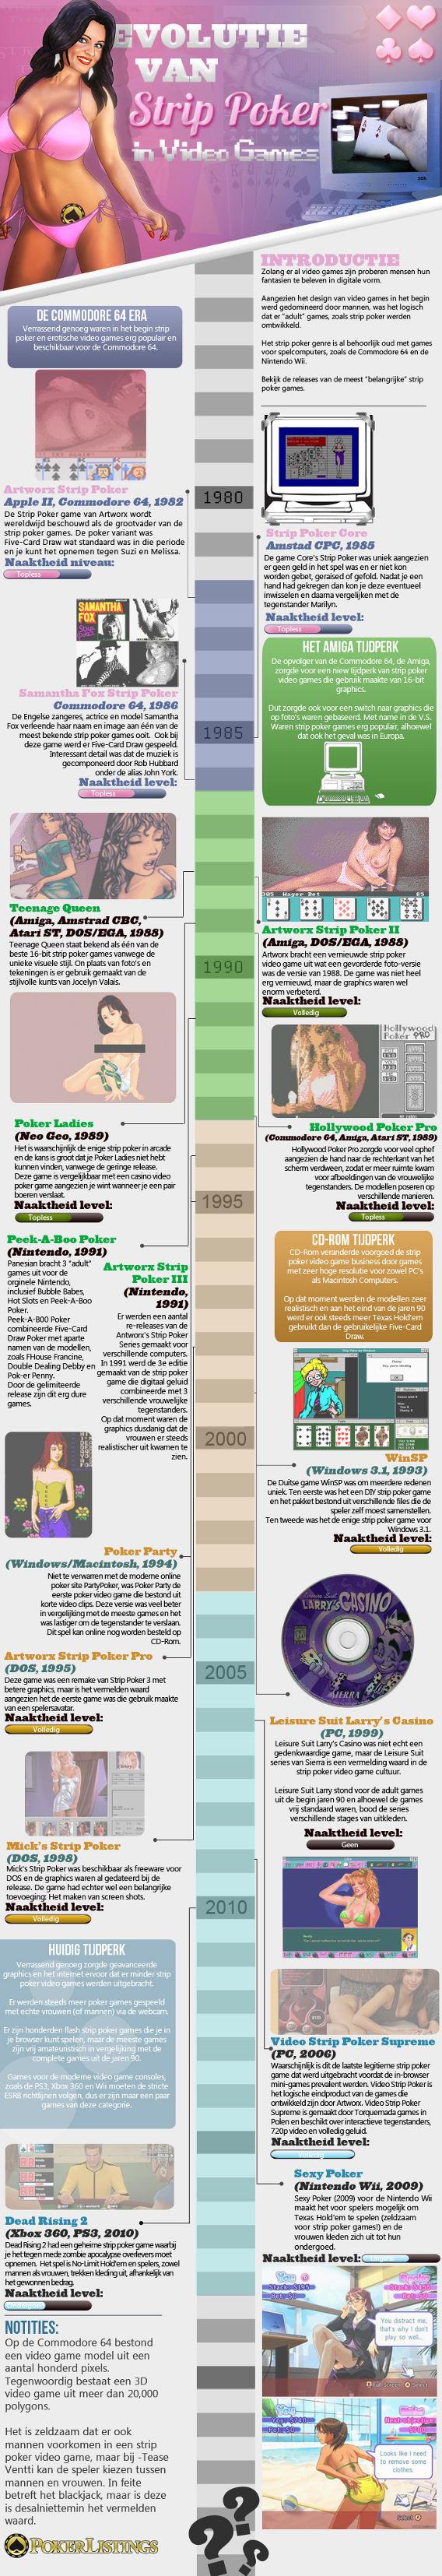 Evolutie van strippoker - videogames